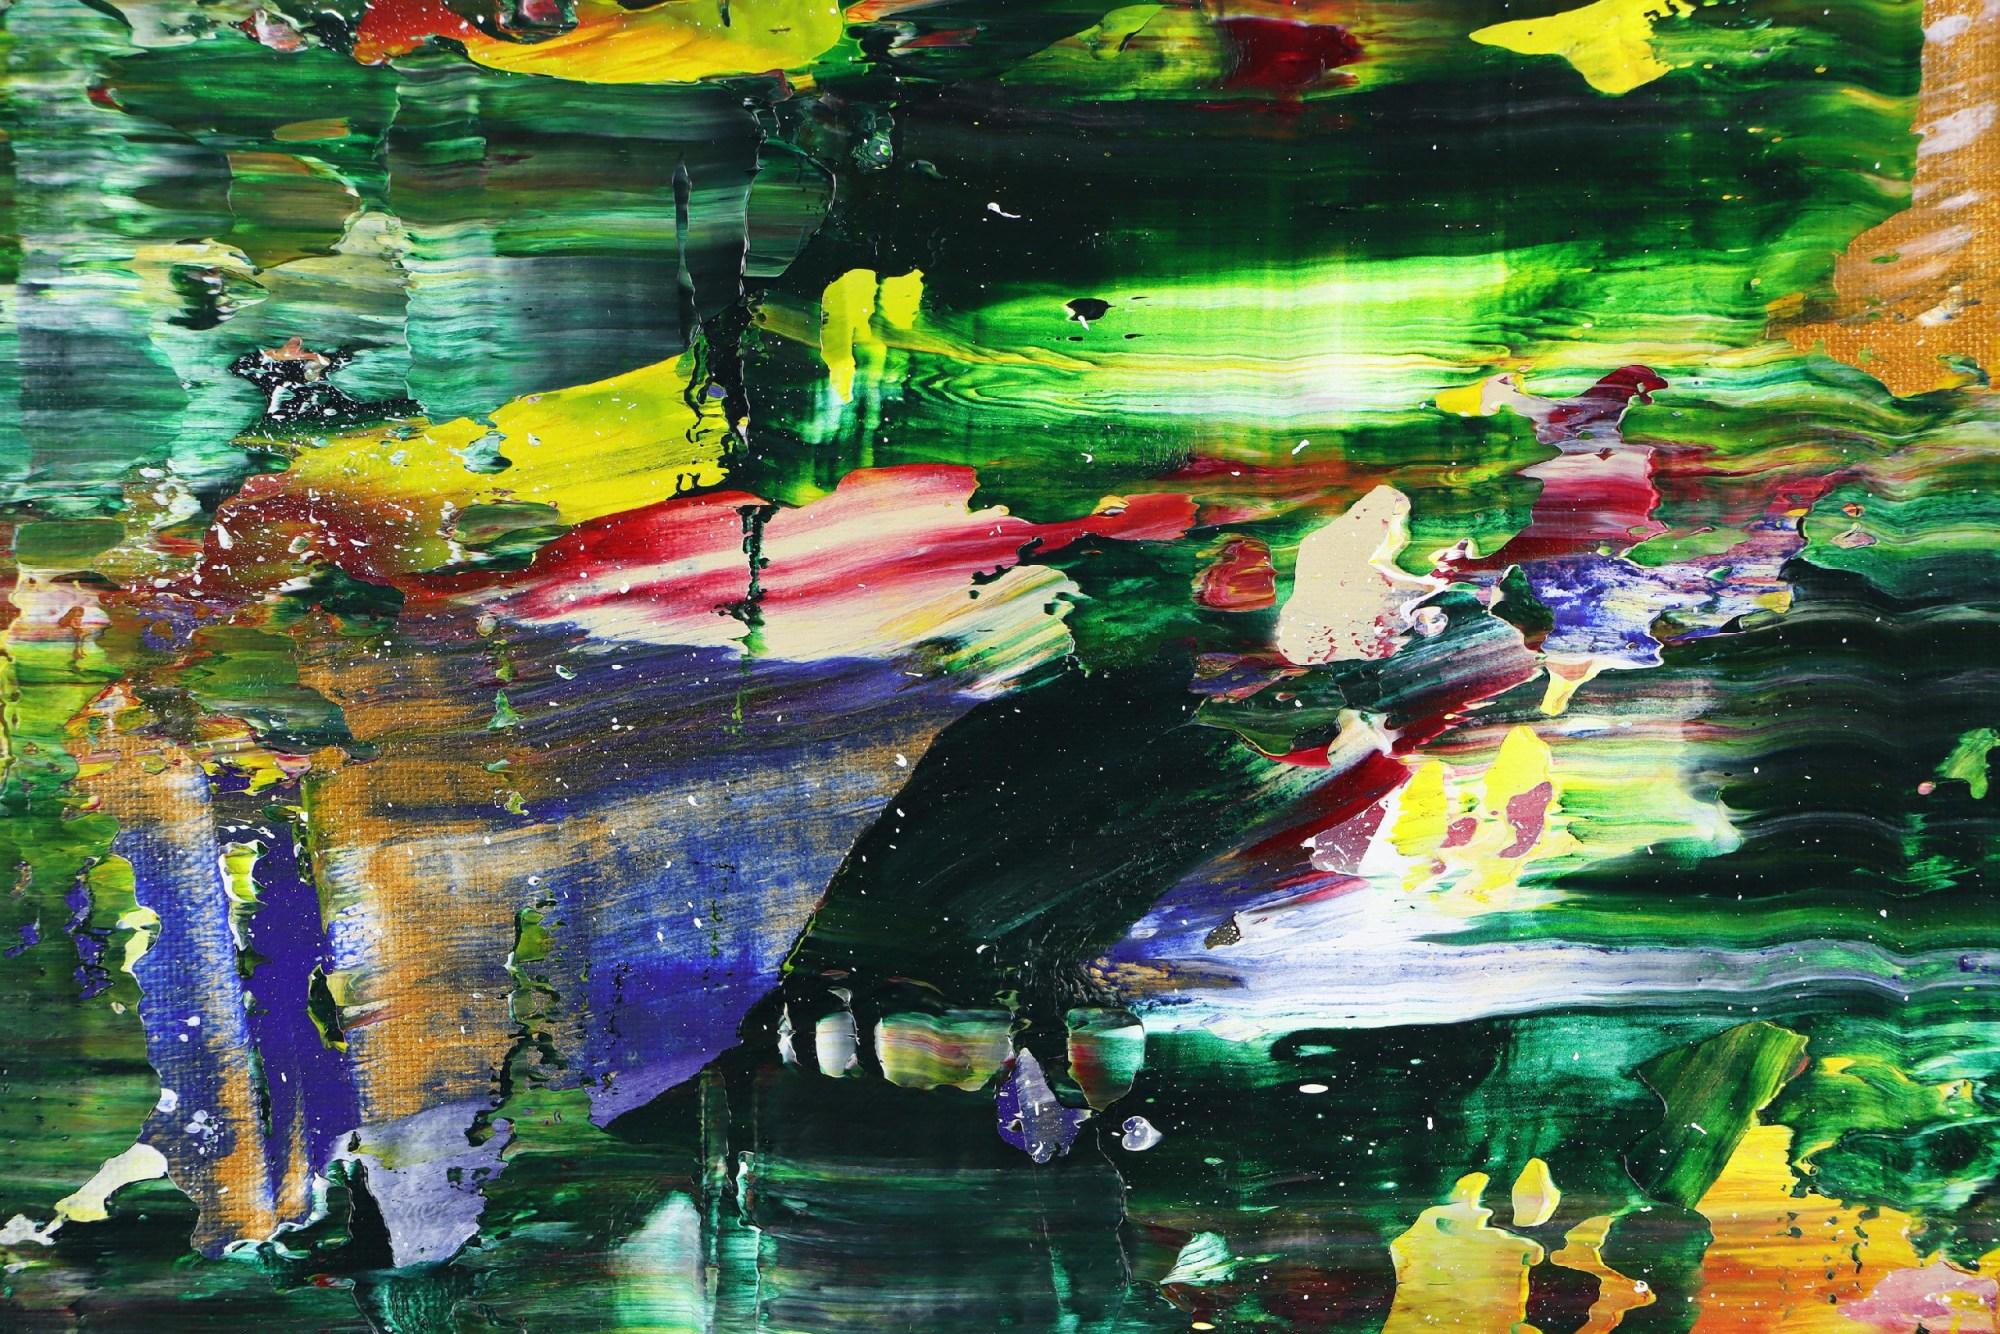 Detail / Moss and Rust 2 (2021) 20x24 in / Artist: Nestor Toro